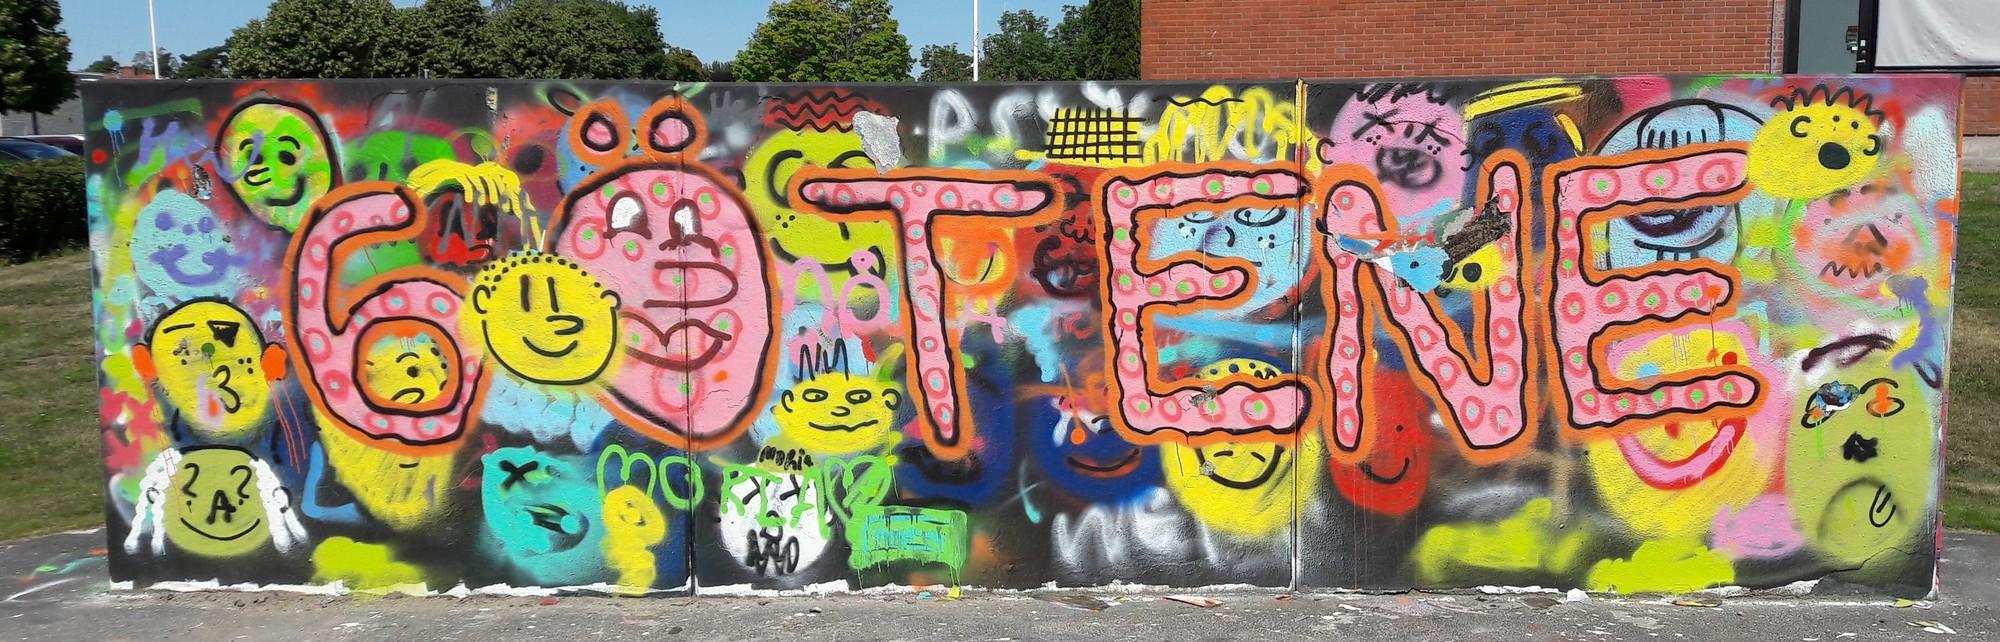 Graffittimålning vid skateparken.jpg